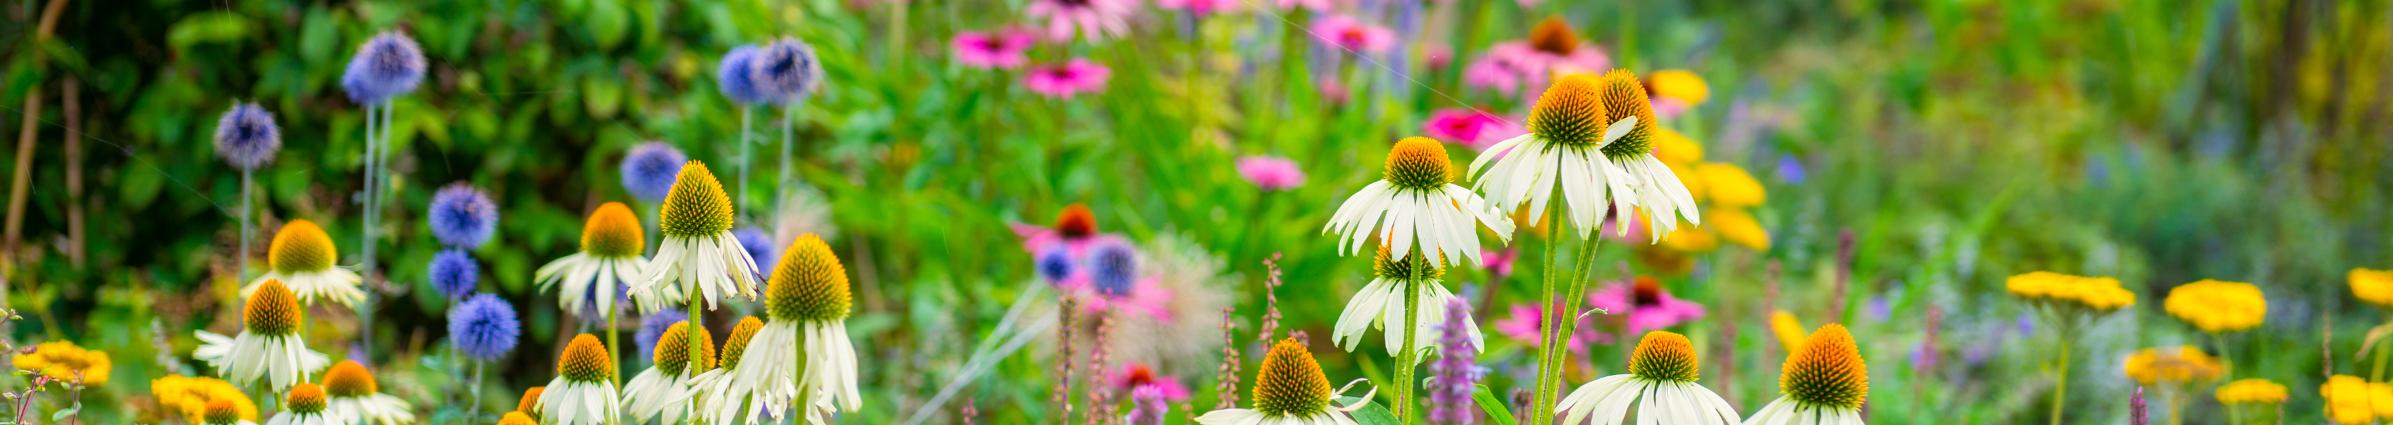 Summer flowers in a field